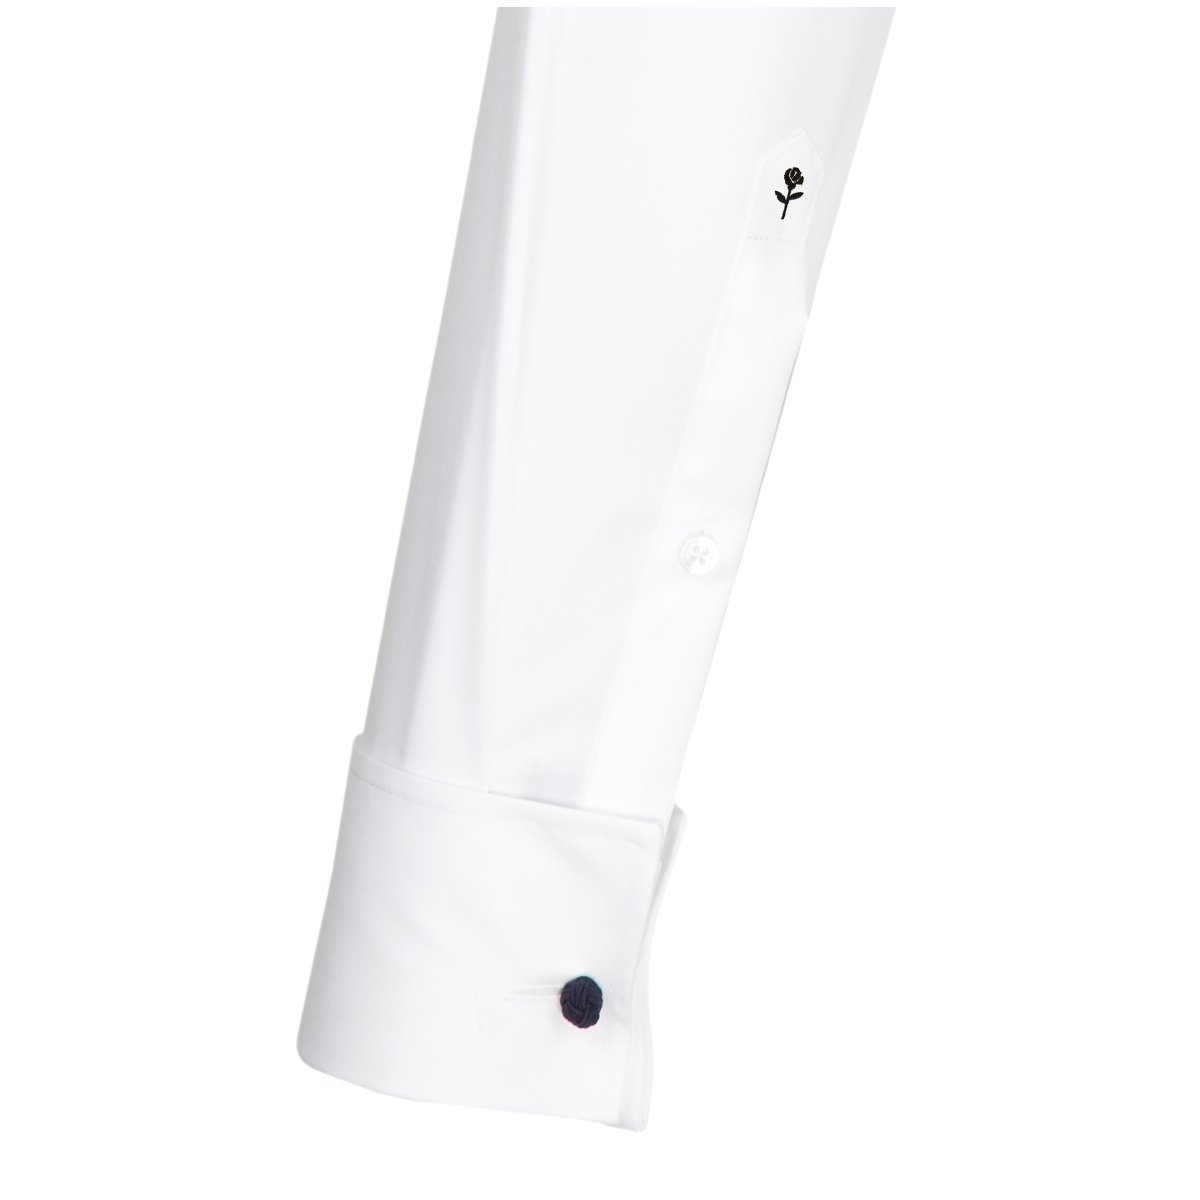 Seidensticker Seidensticker Seidensticker Herren Business Hemd Slim Fit – Bügelfreies, schmales Hemd mit Kent-Kragen – Langarm – 100% Baumwolle B01D3VZI2C Freizeit Hochwertig 1bf514